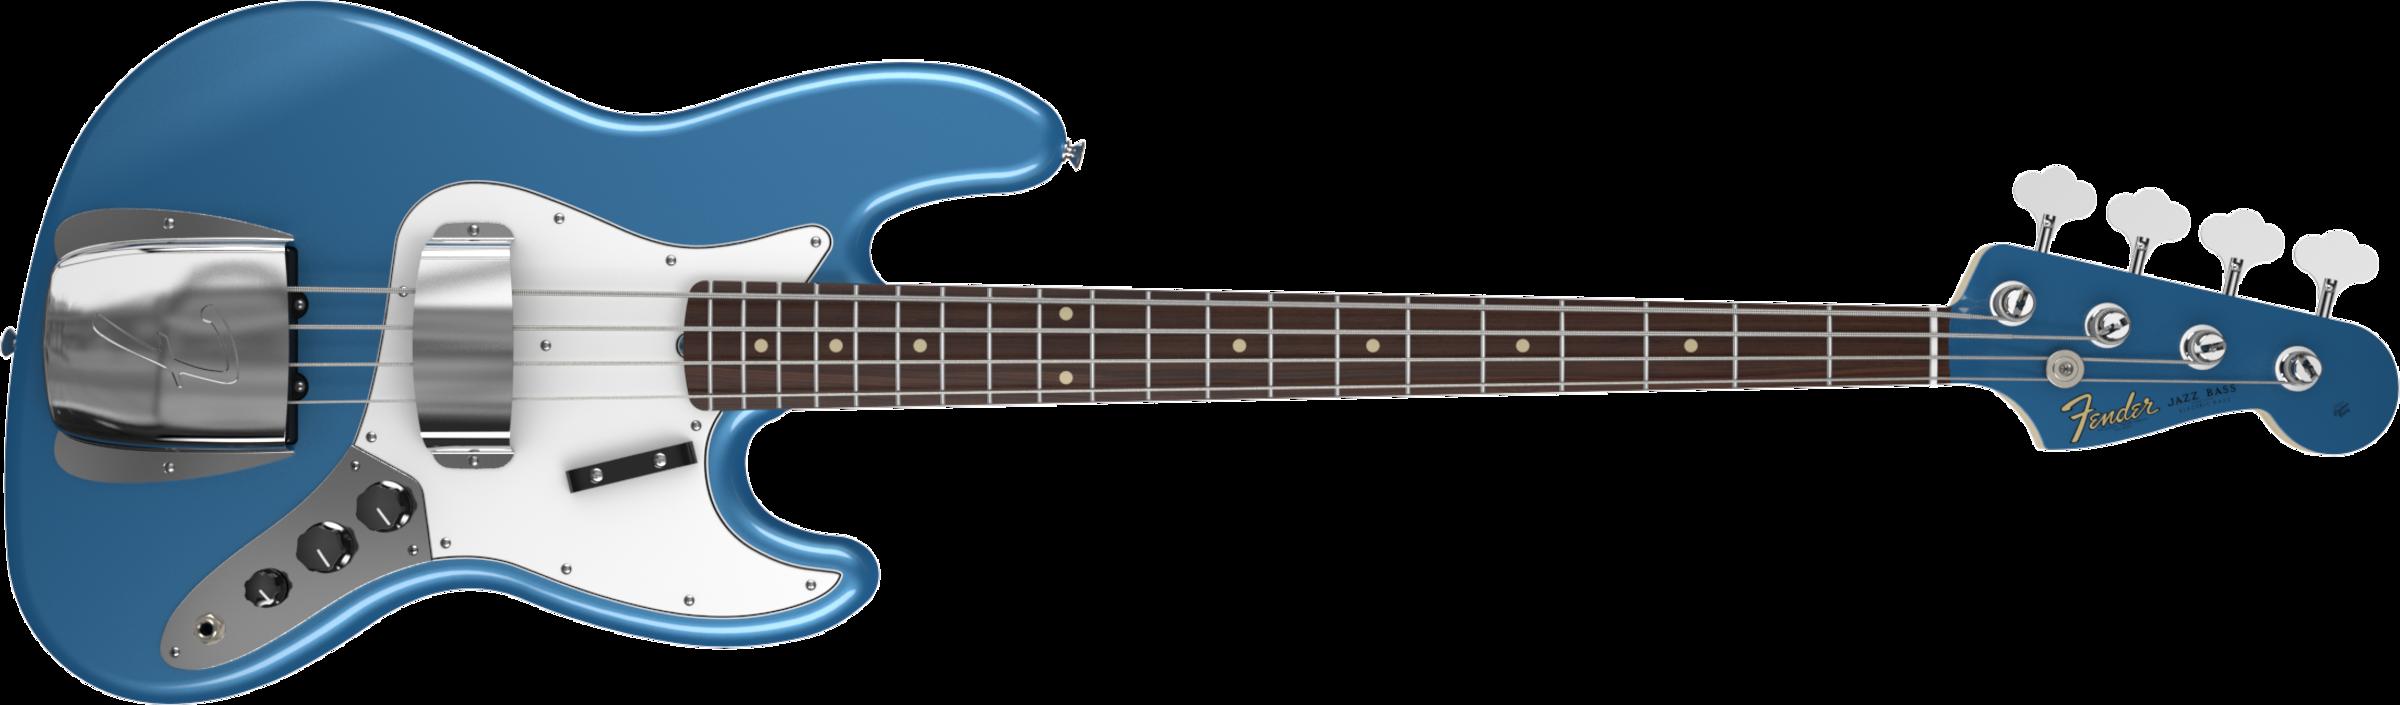 American Vintage 64 Jazz Bass Jazz Bass Bass Guitars Fender Bass Guitars Guitar Fender Bass Guitar Acoustic Bass Guitar